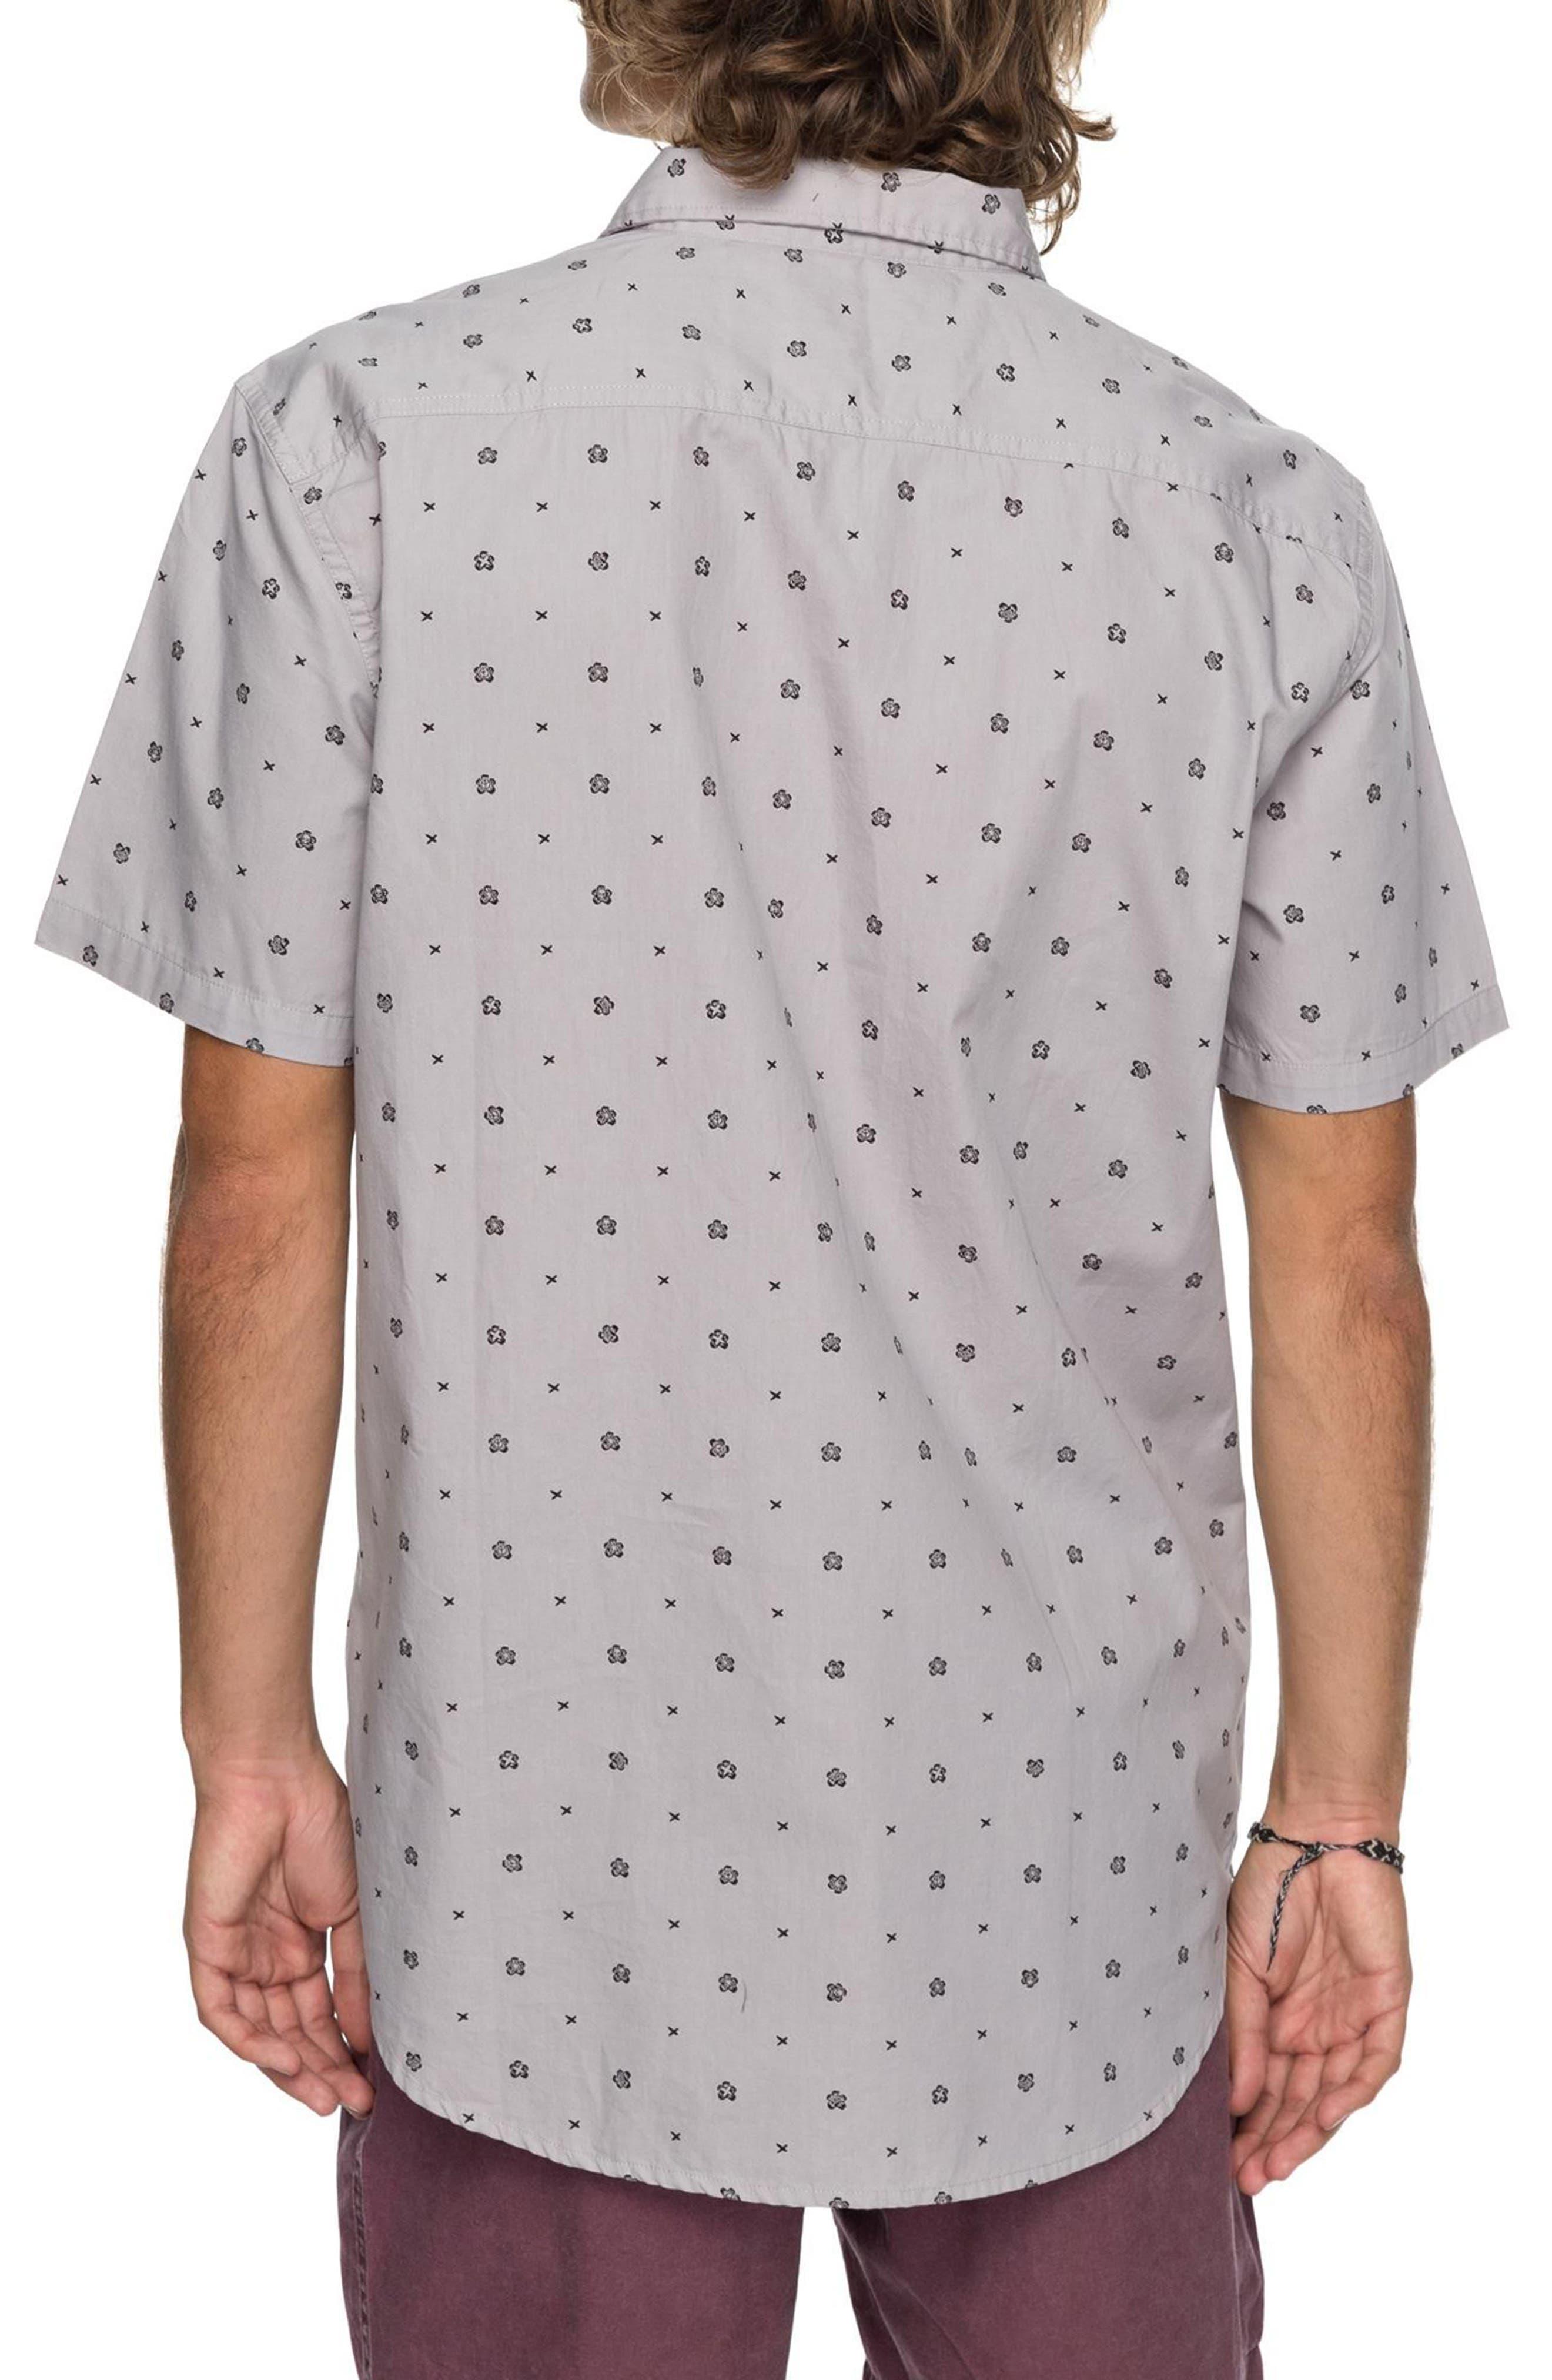 Kamanoa Short Sleeve Shirt,                             Alternate thumbnail 2, color,                             034